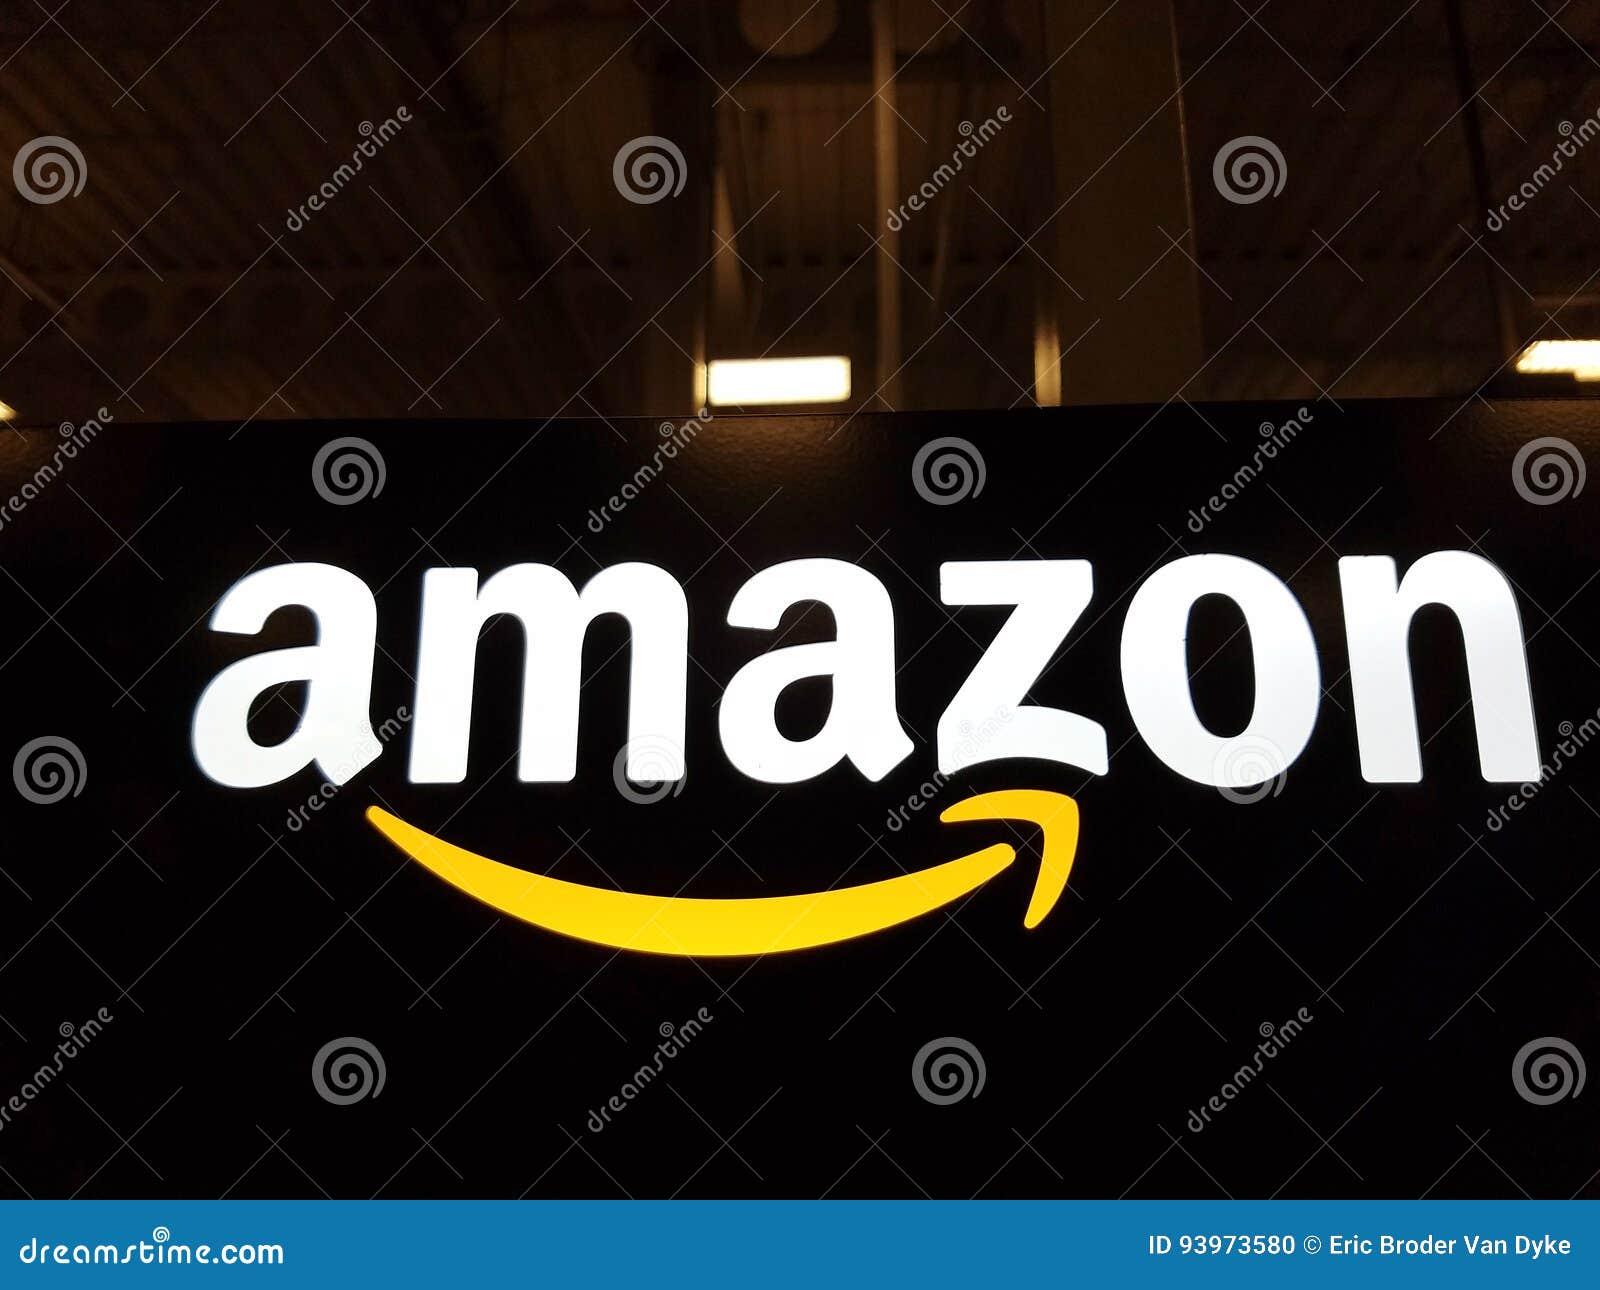 Amazon logo on black shiny wall in Honolulu